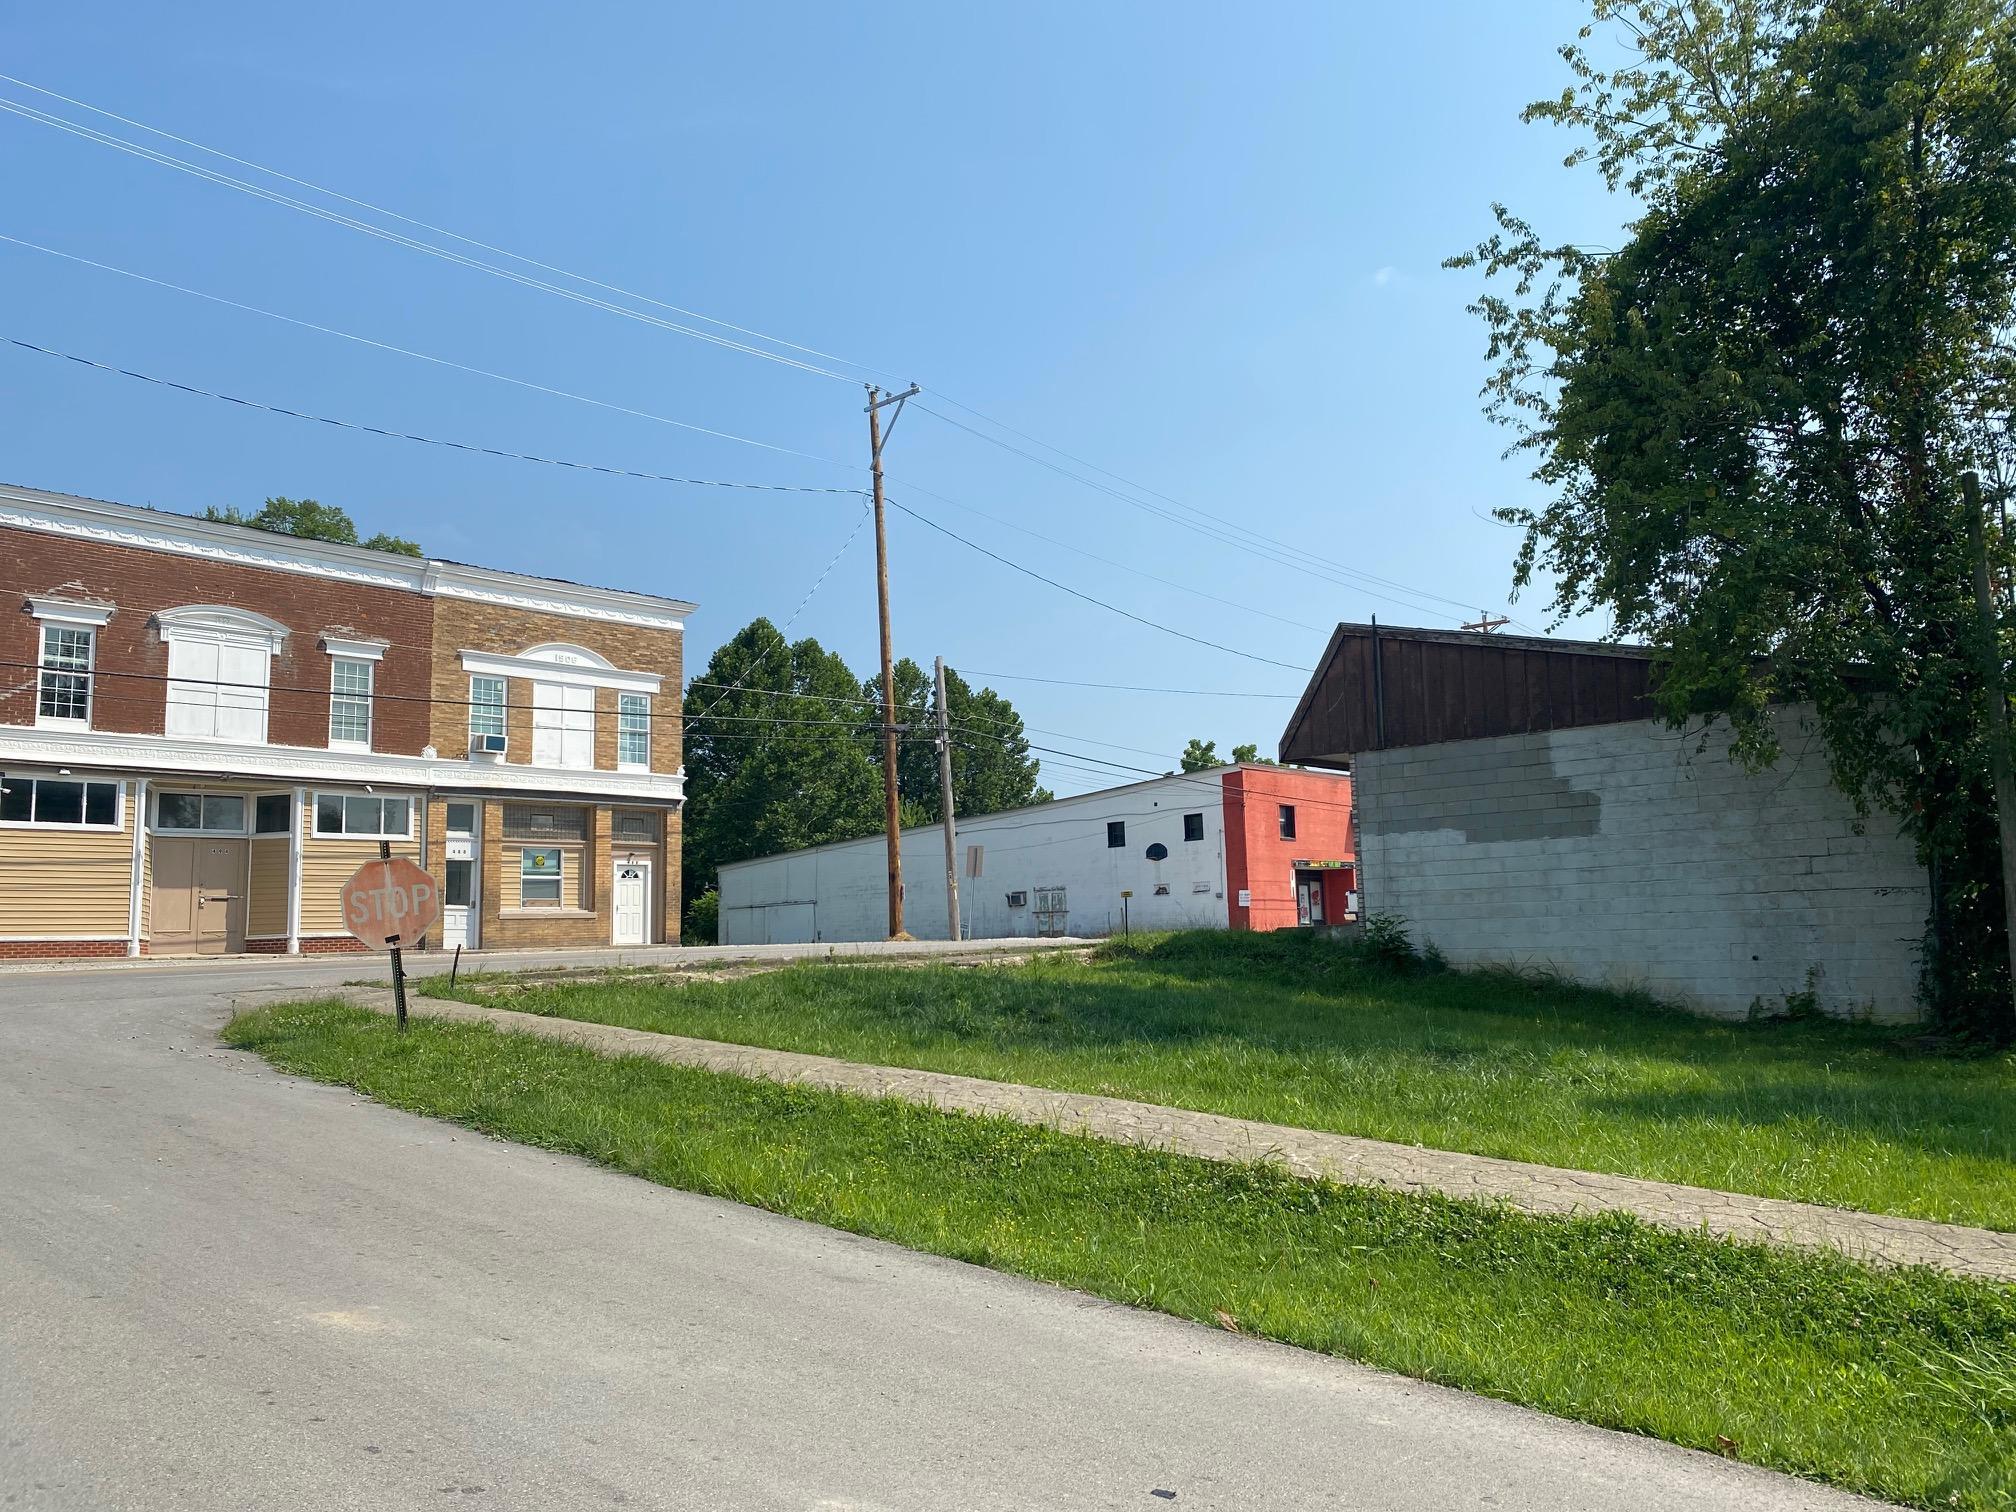 495 N Main, Stanton, KY 40380